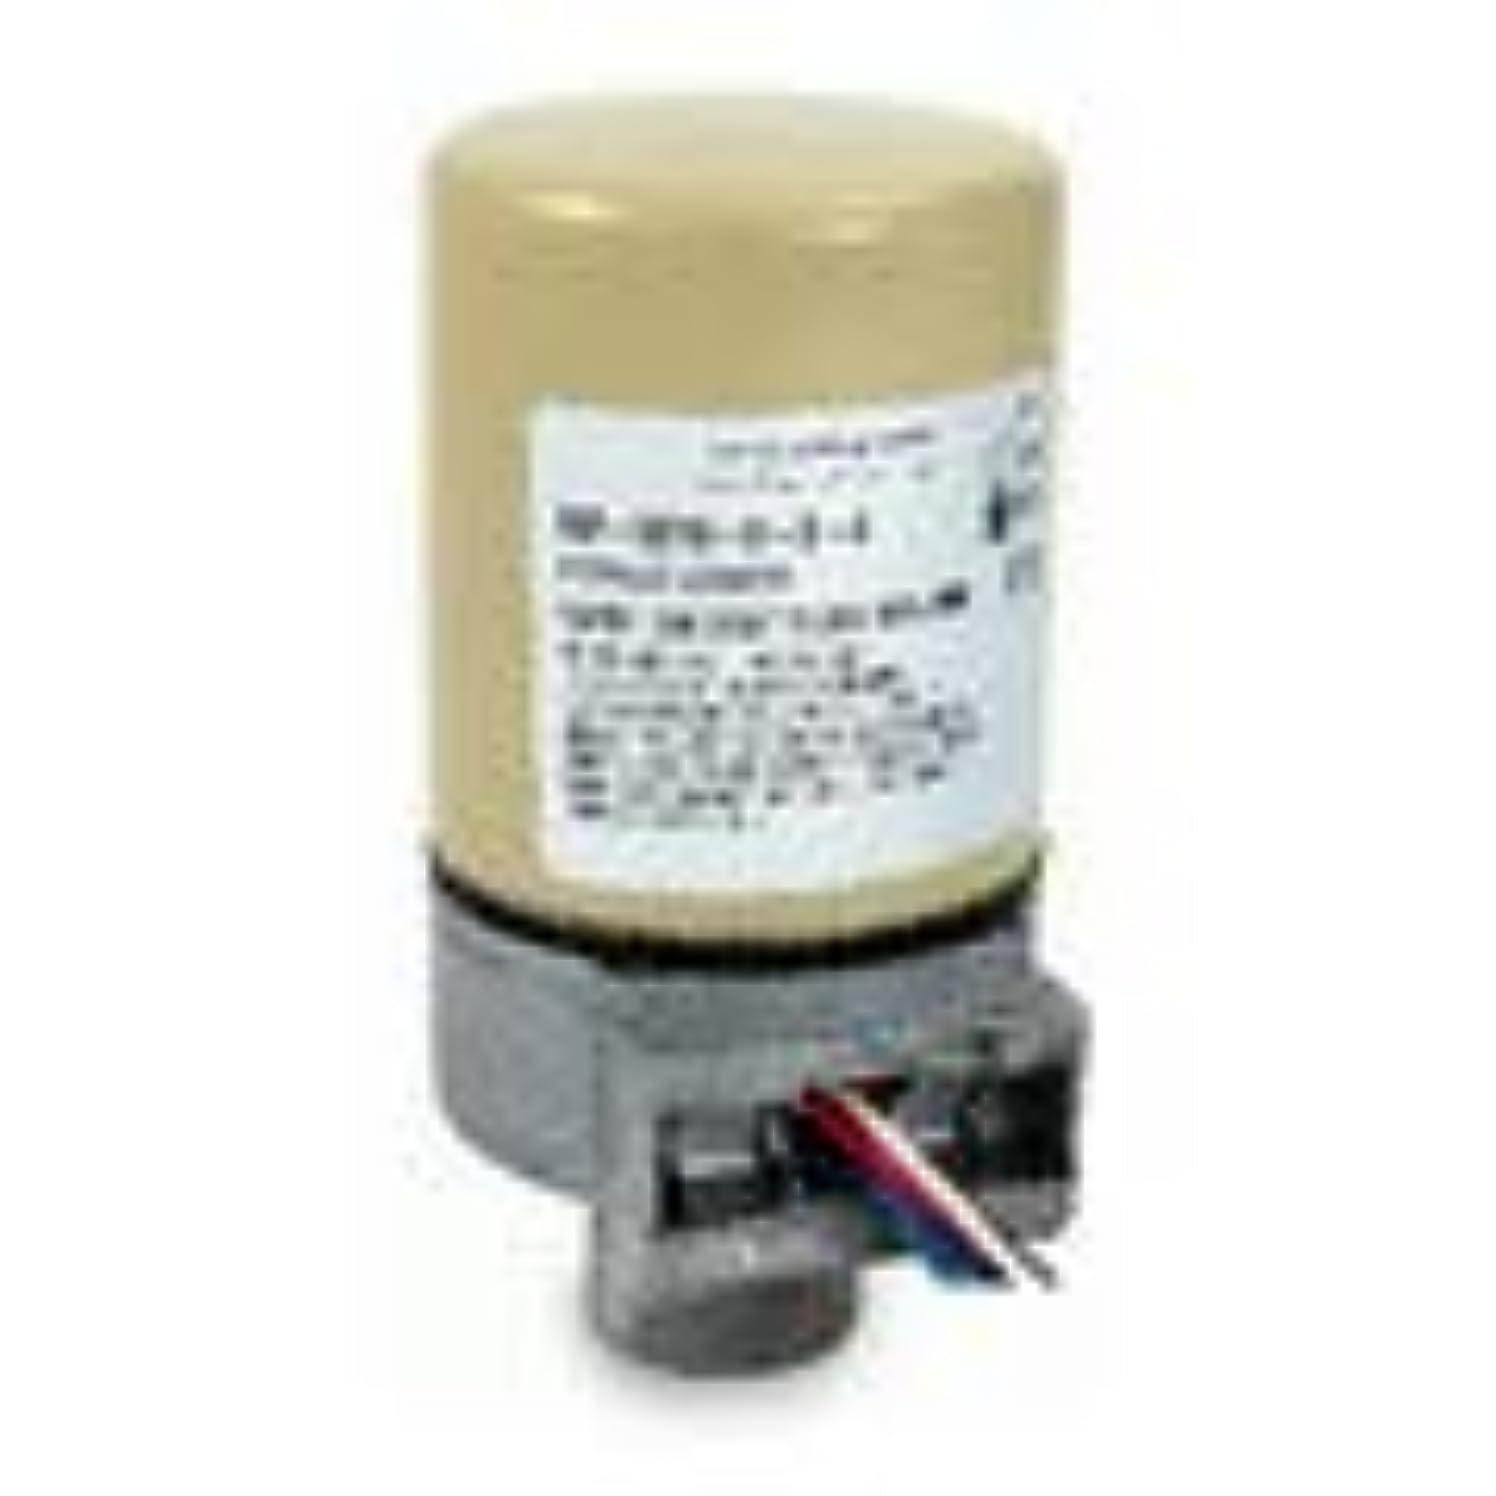 Schneider Electric MA-5210 2Pos HYD Actuator, 120 VAC Sr 20#